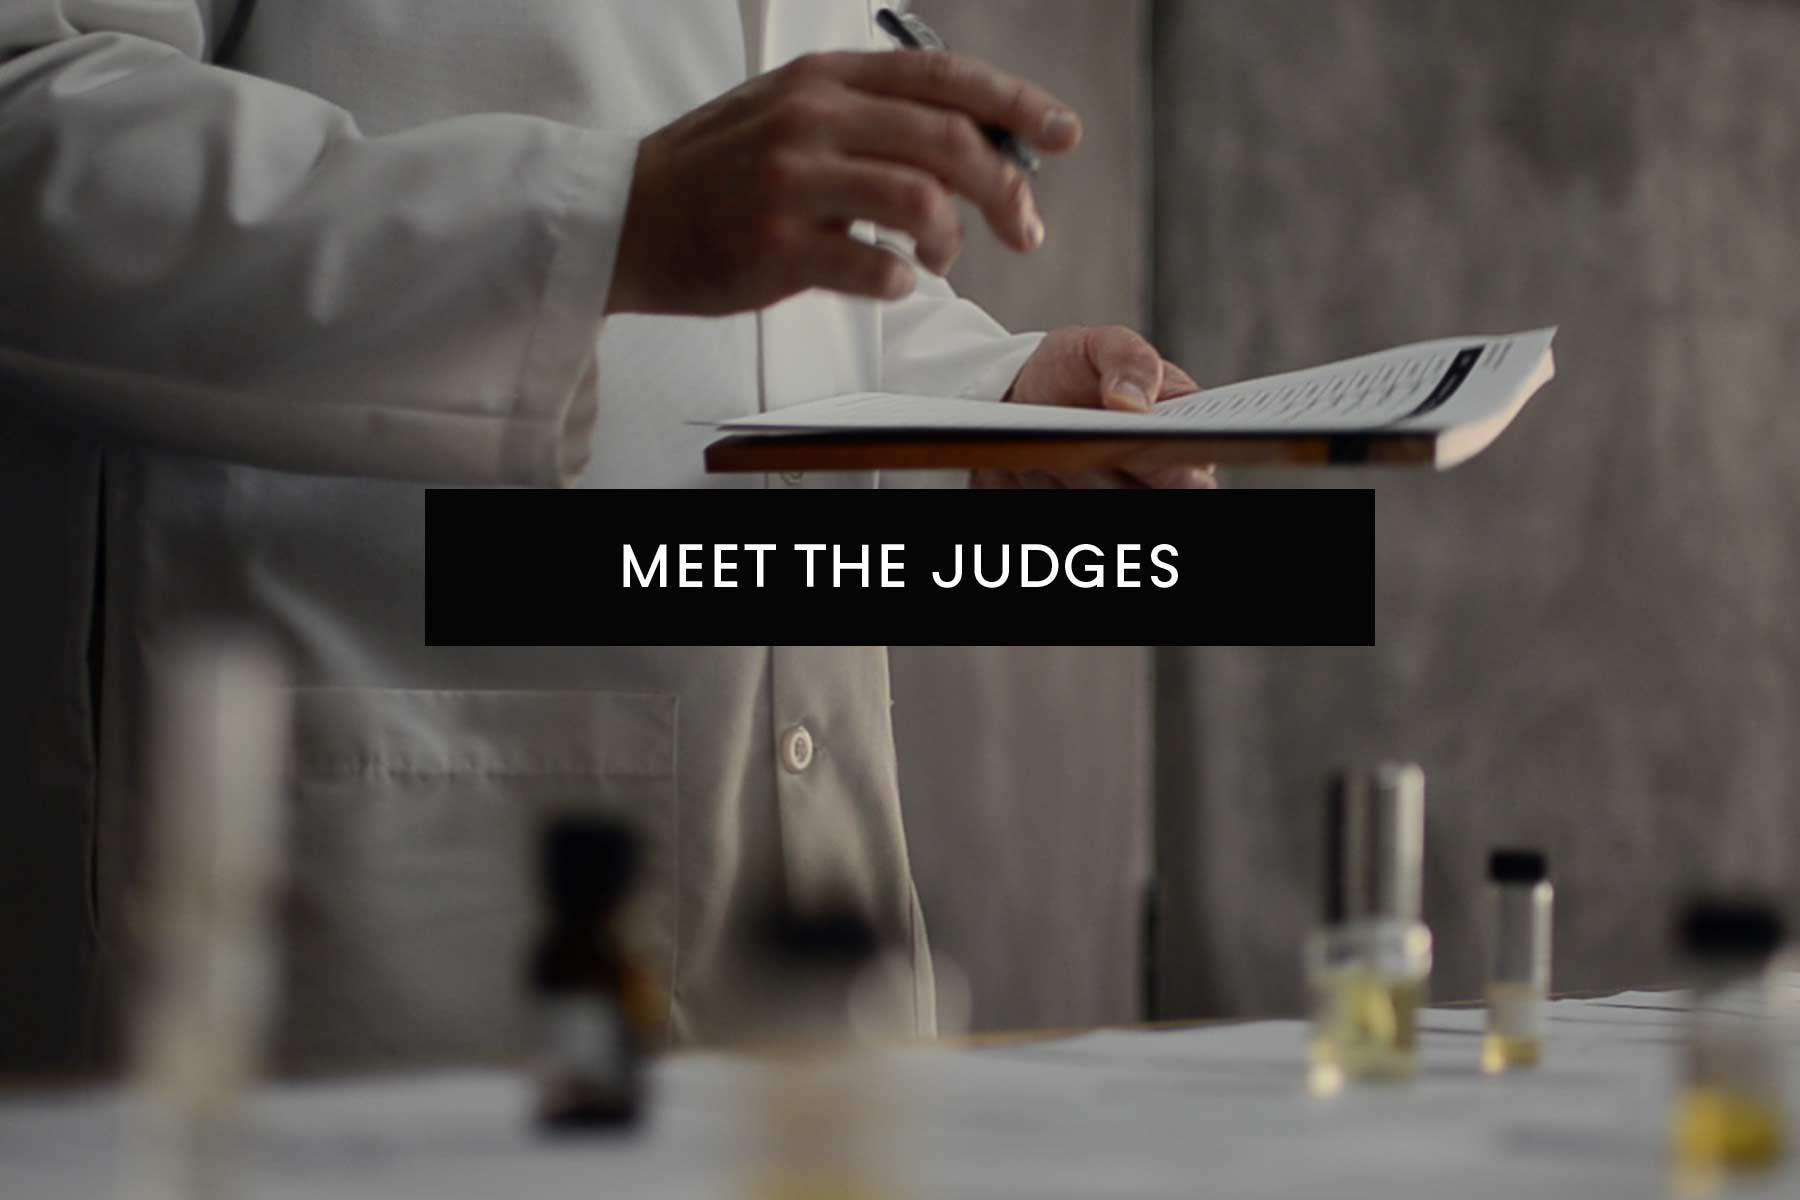 MeetJudges_3SLIDER